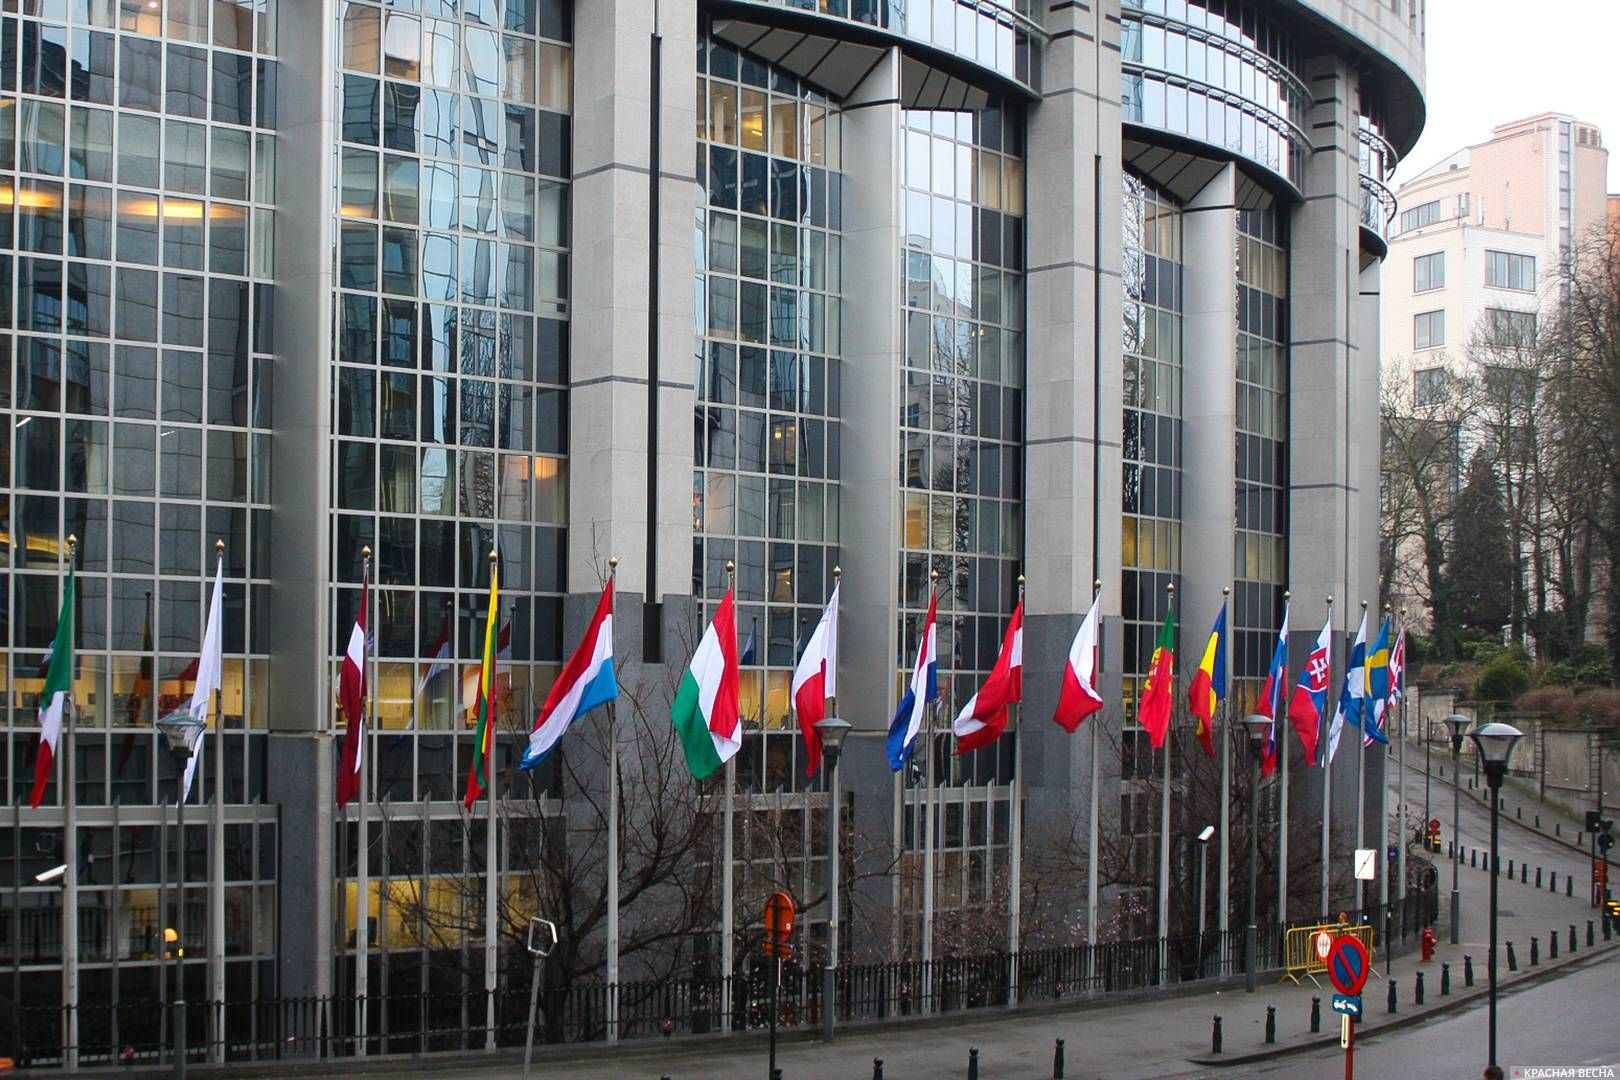 Еврокомиссар пригрозила США «тройной реакцией» вслучае введения пошлин напродукциюЕС